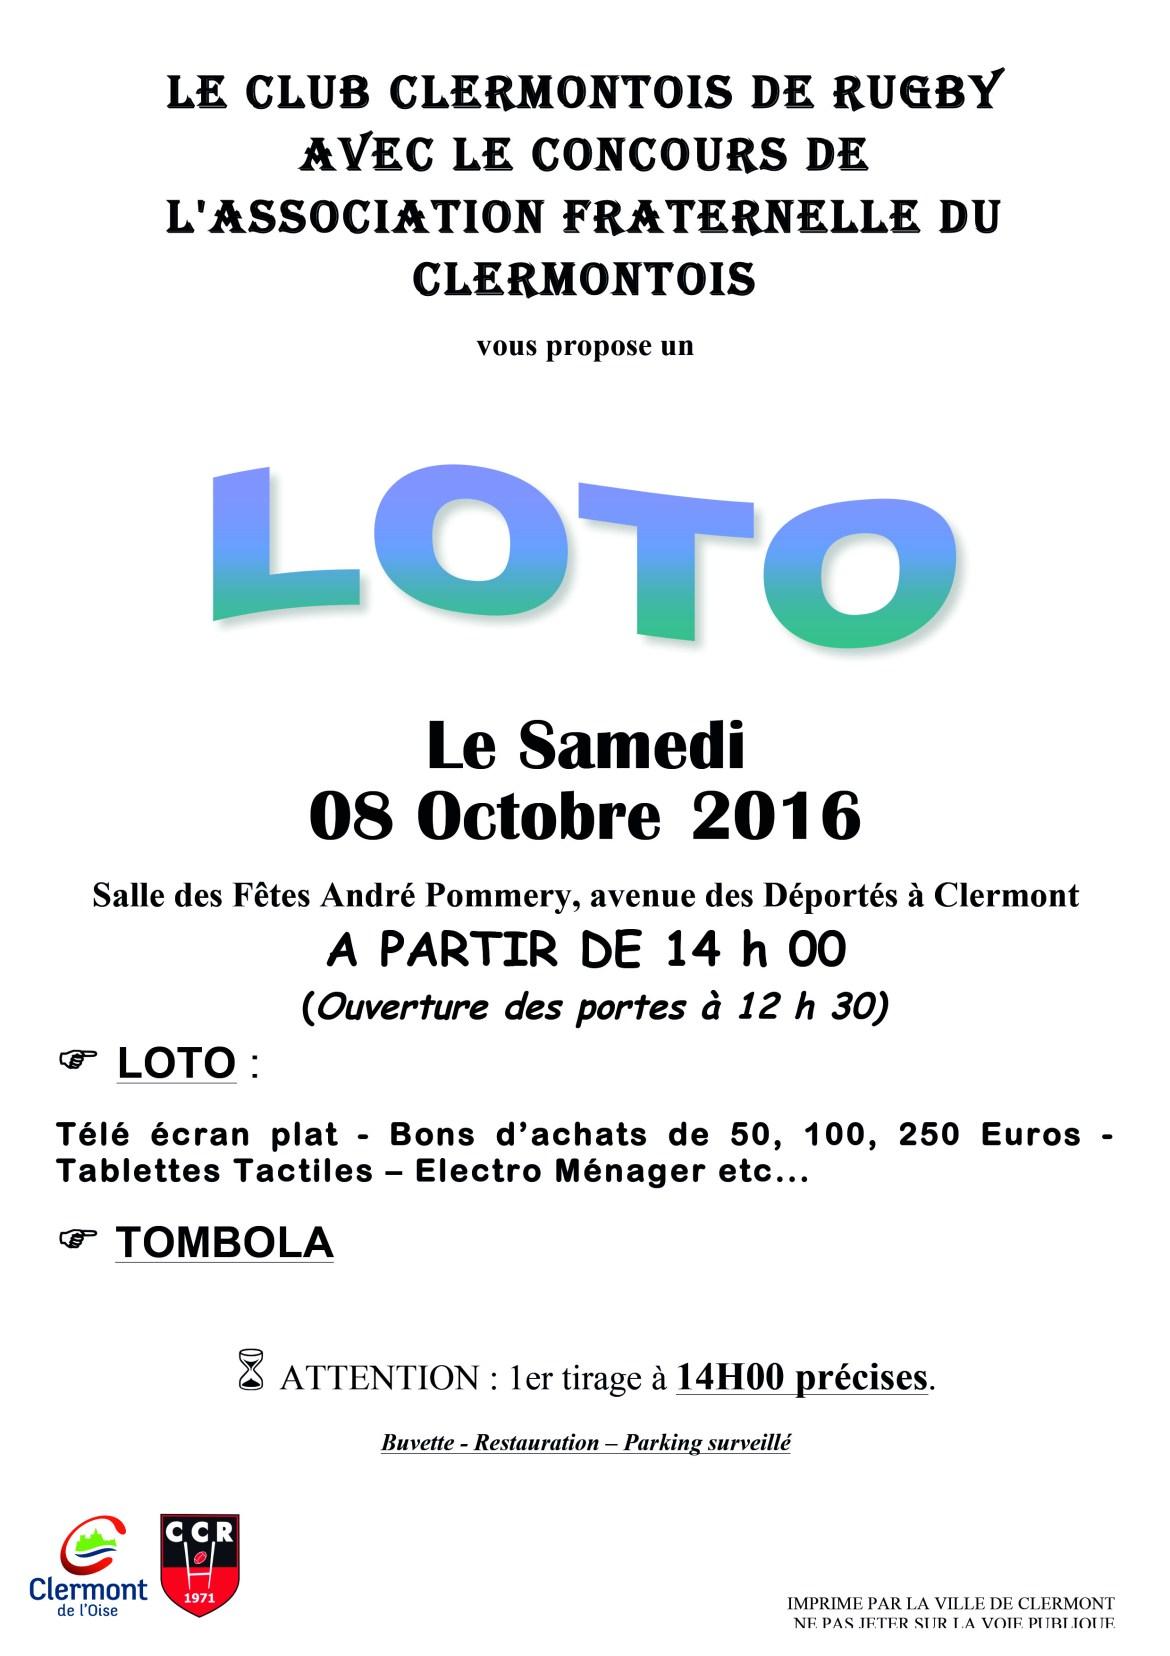 Loto du Club Clermontois de Rugby avec le concours de l'association Fraternelle du Clermontois, samedi 08 octobre 2016